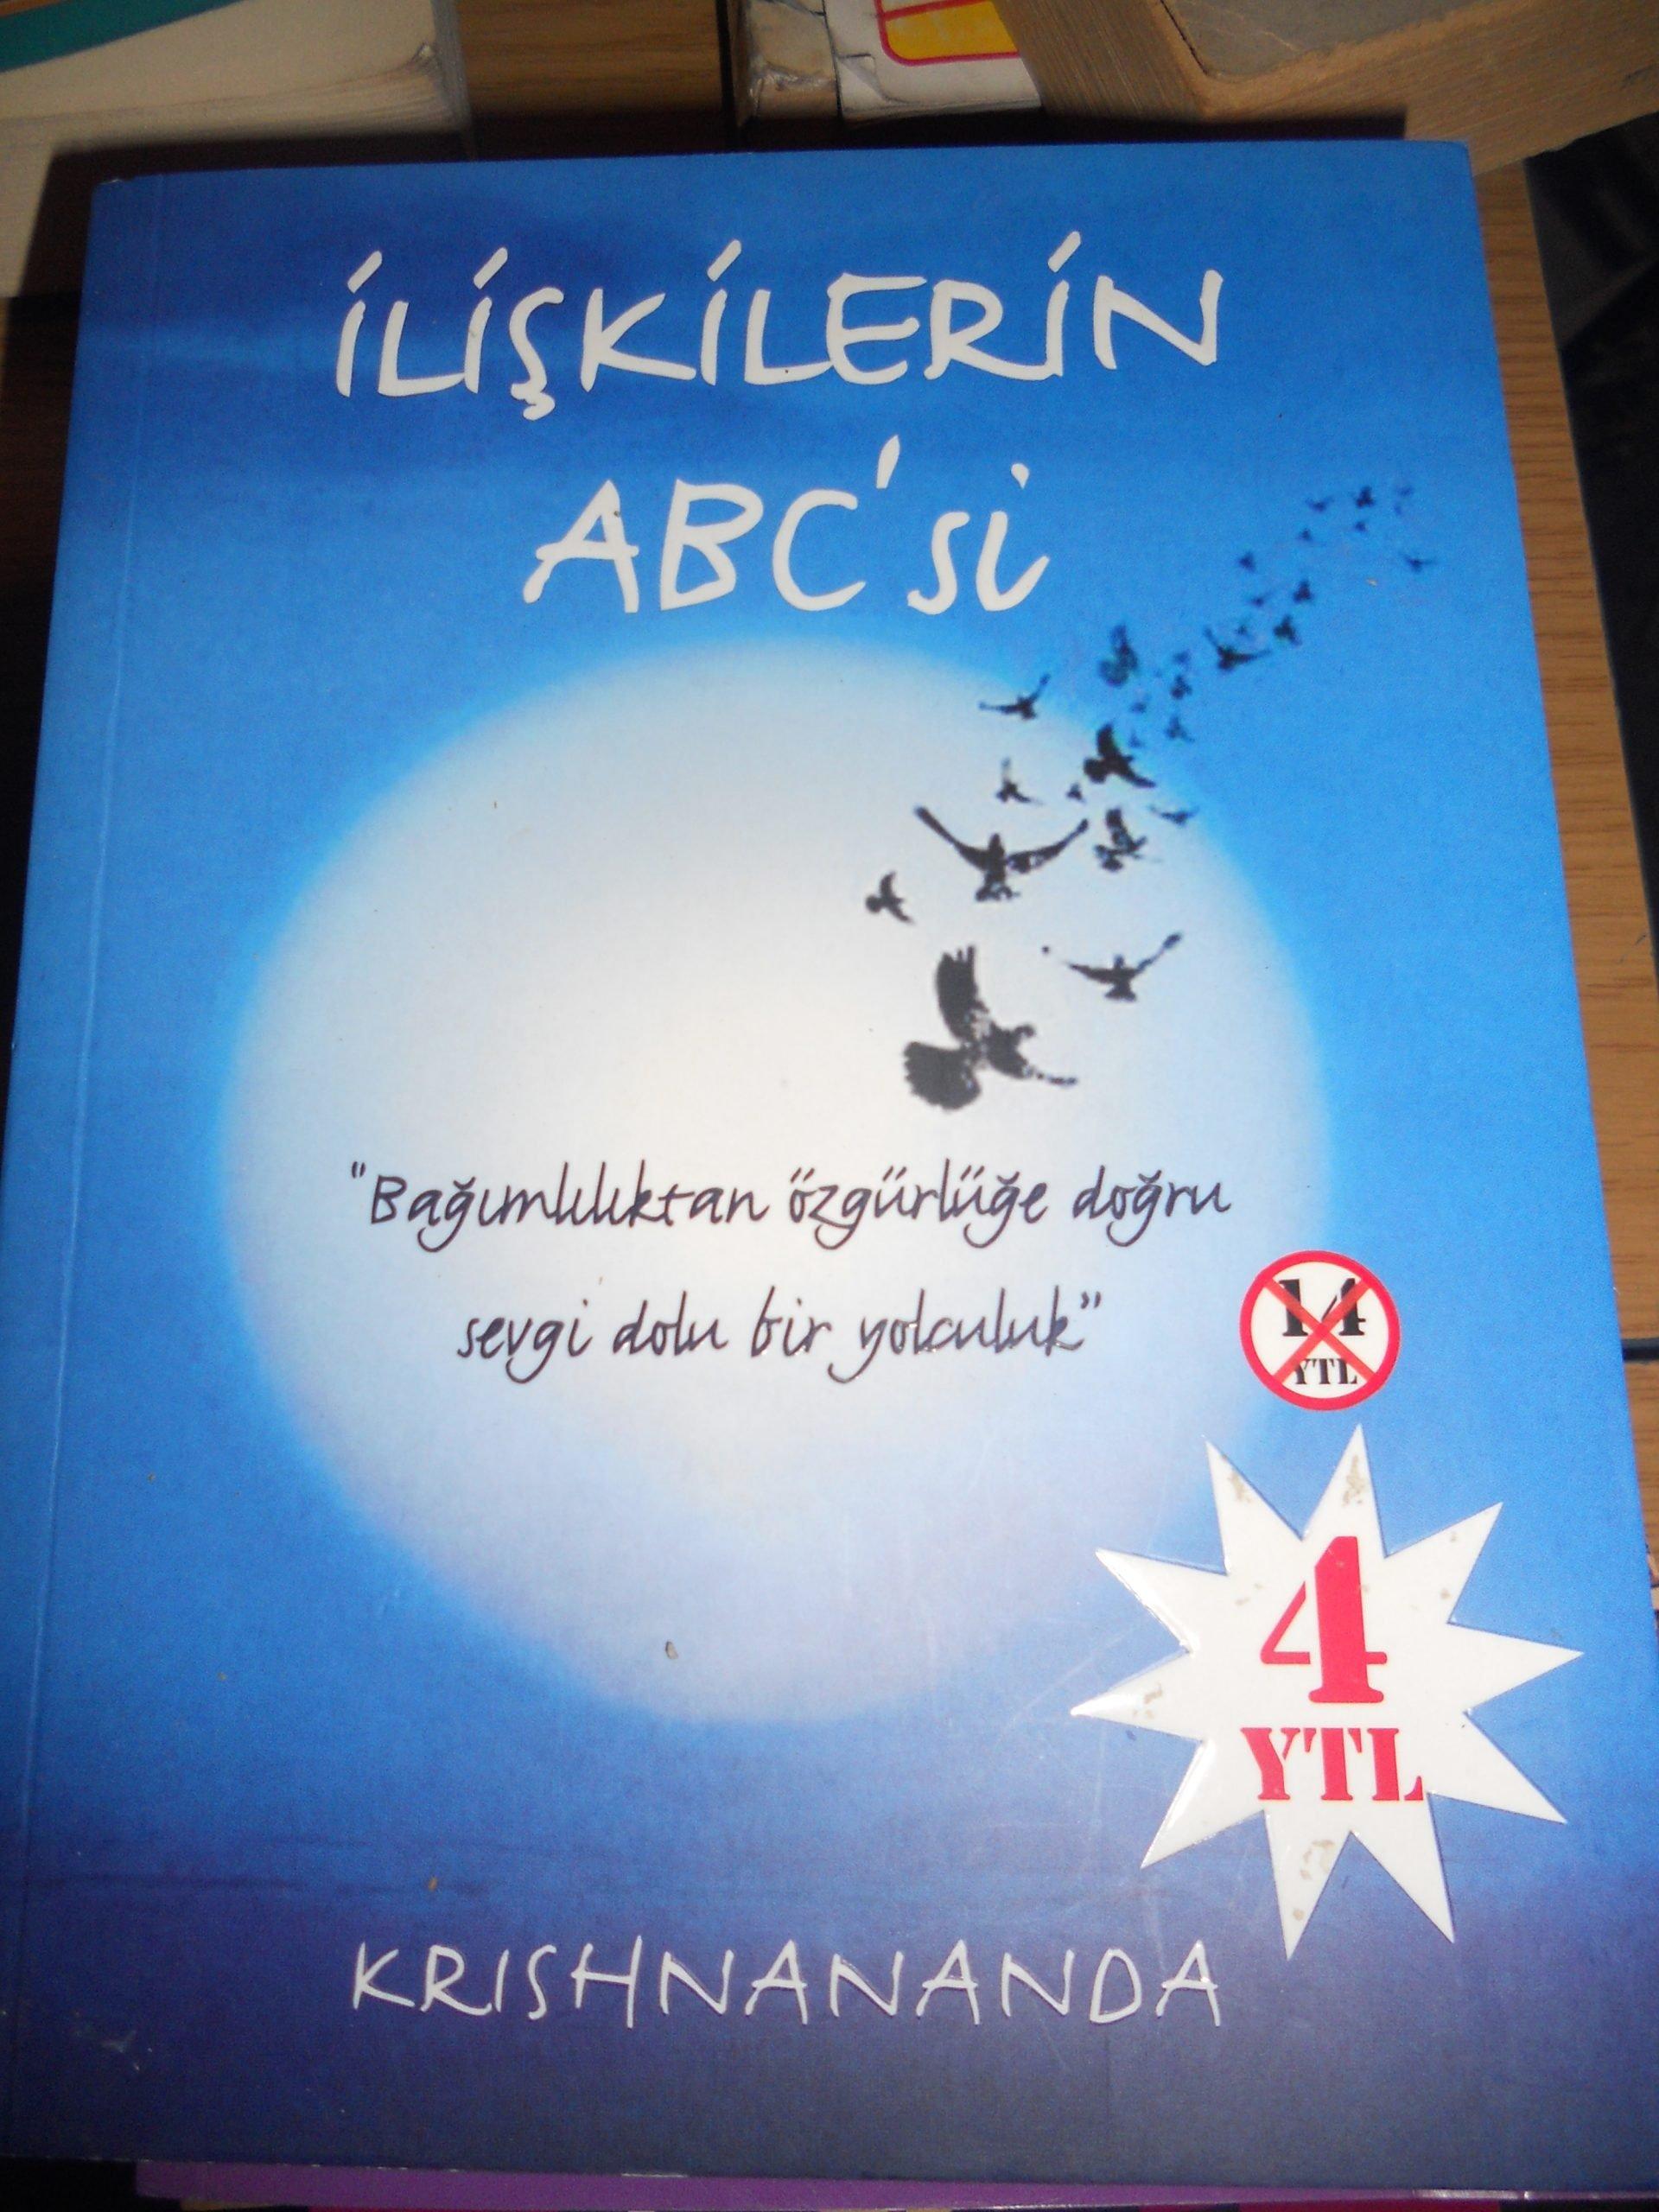 İLİŞKİLERİN ABECE'Sİ/ KRISHNANANDA/15 TL